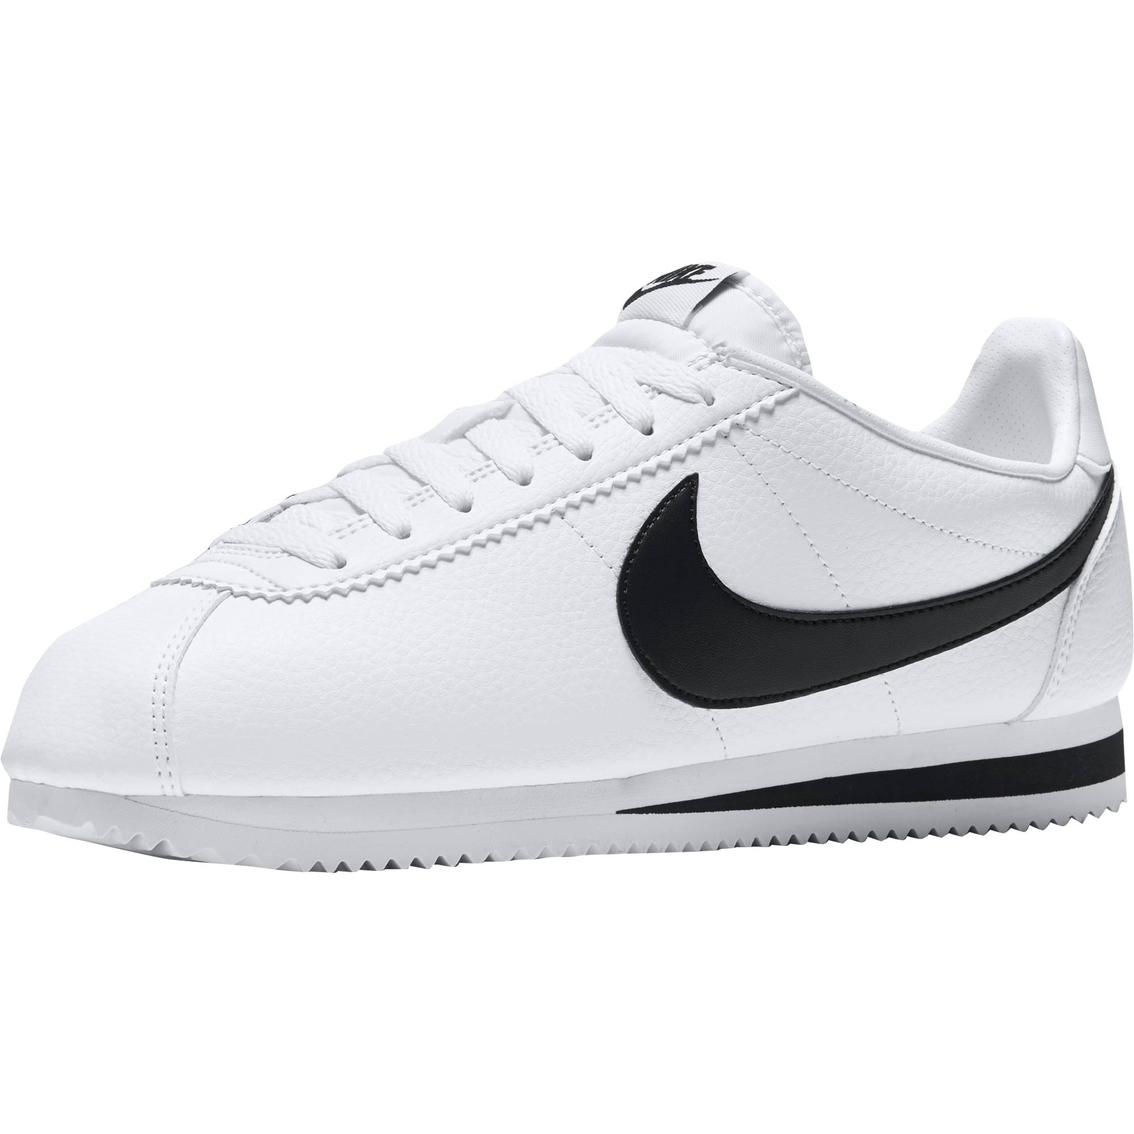 Nike Men's Classic Cortez Leather Shoes